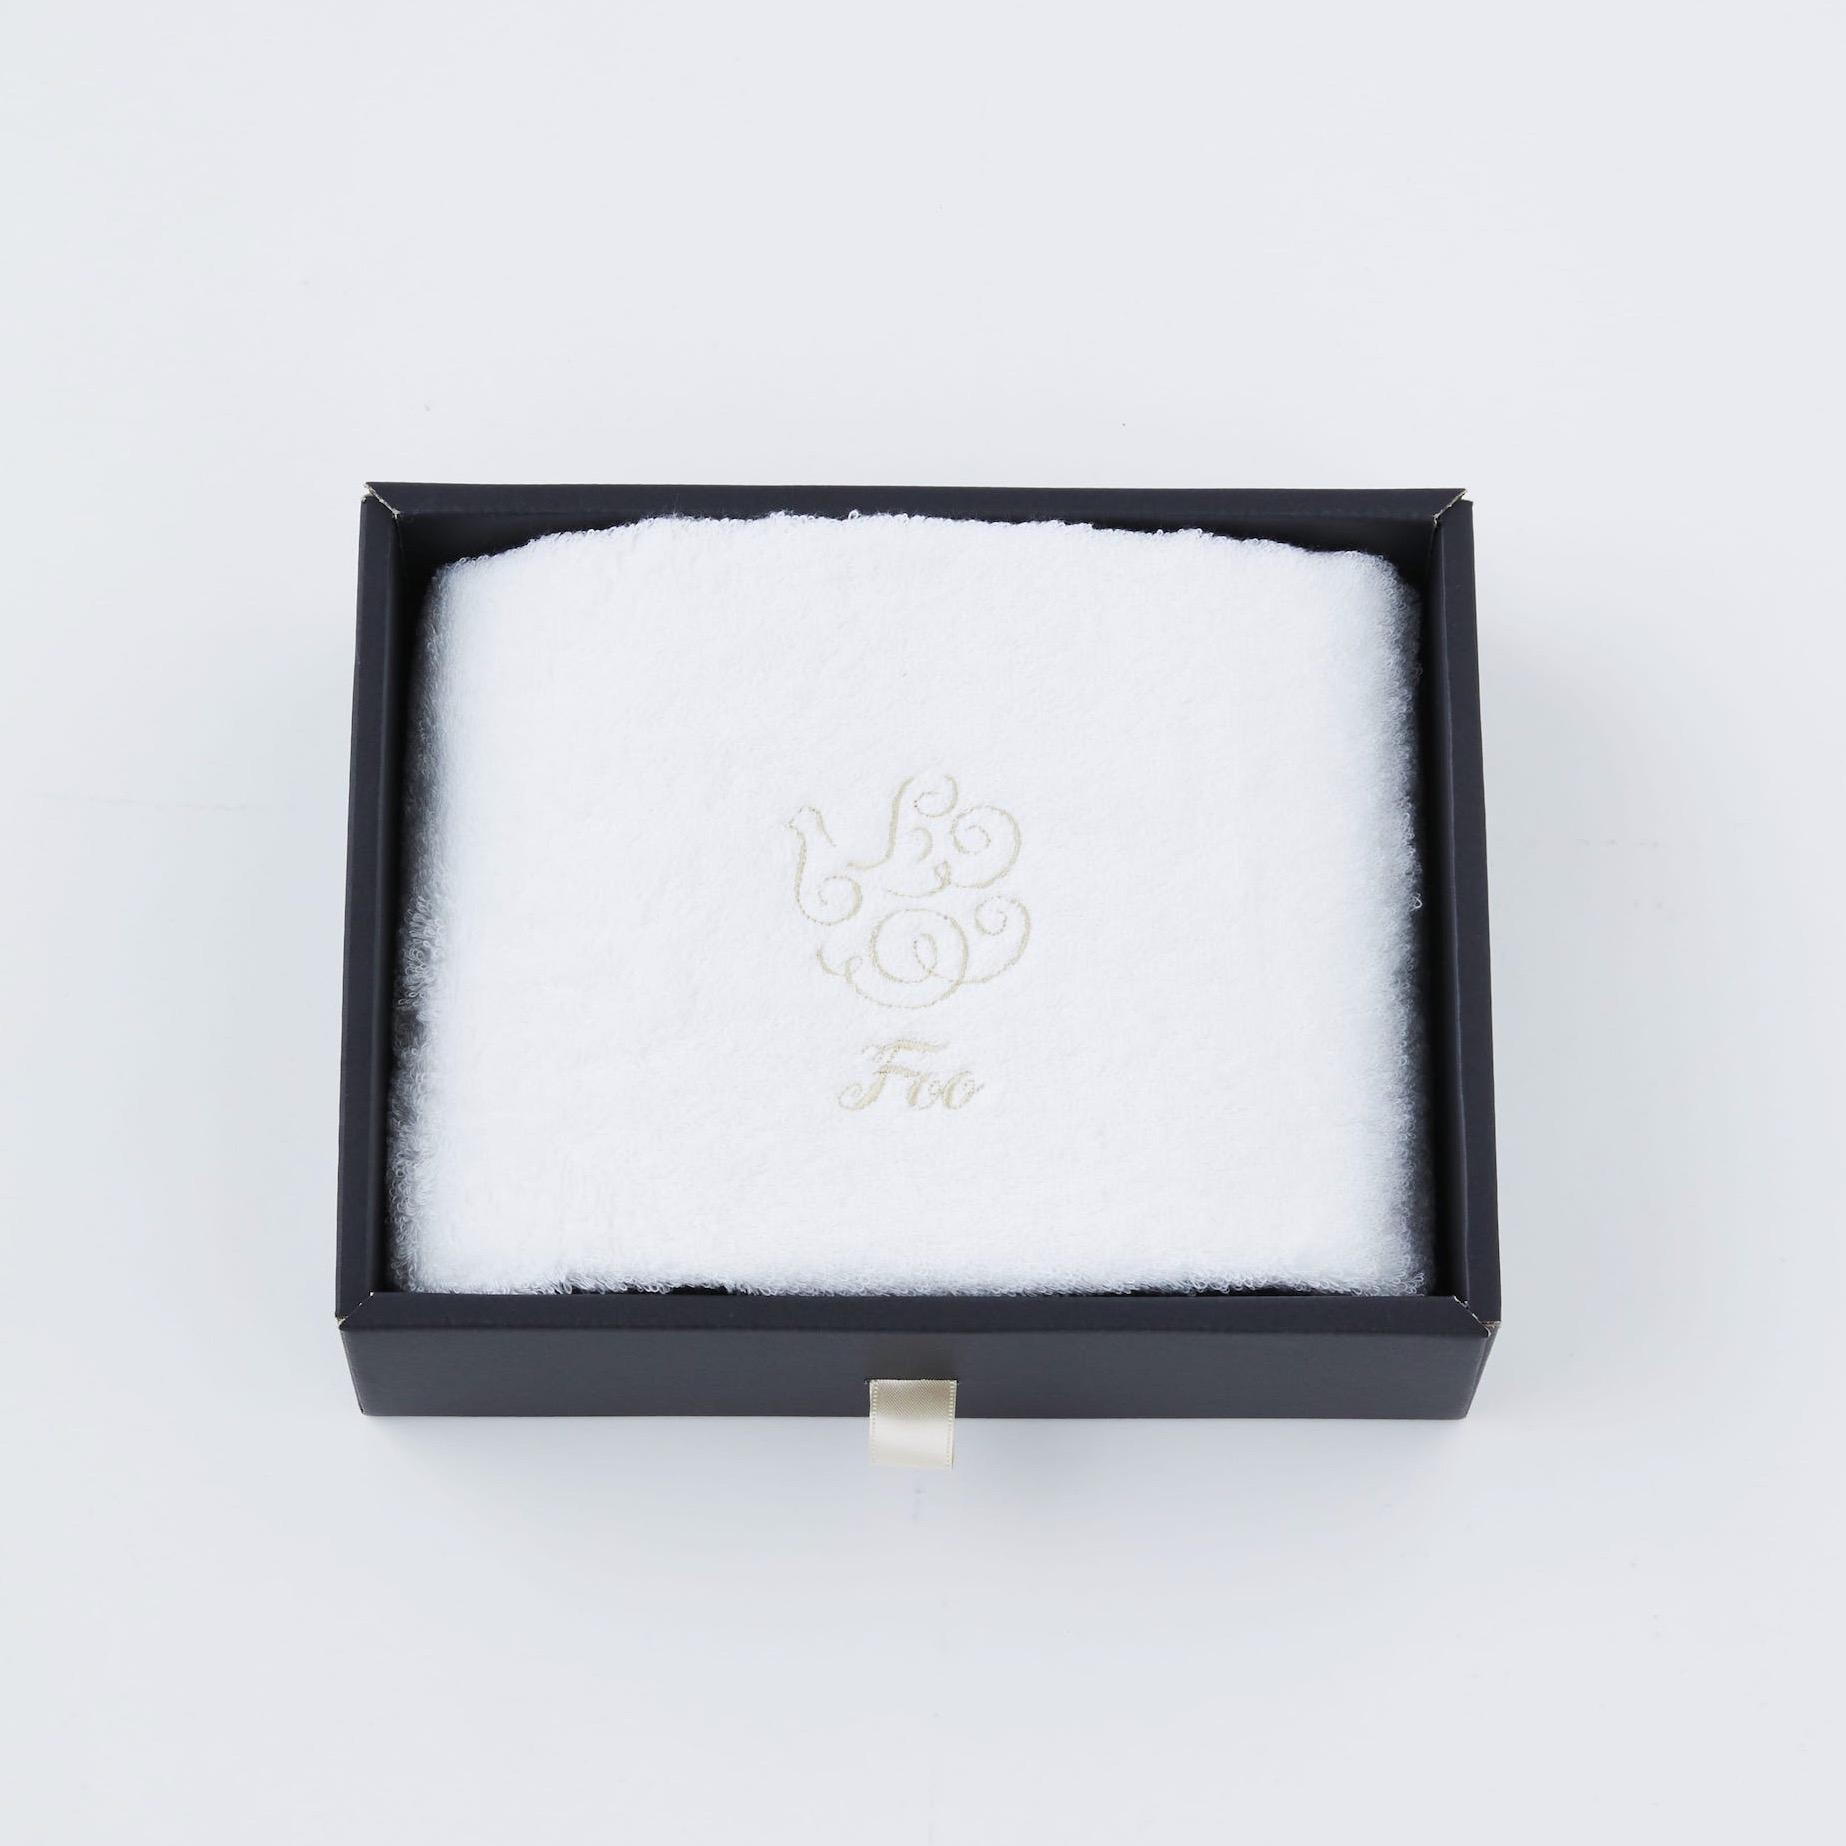 【Foo Tokyo】 オーガニックコットン ハンドタオル1枚入り ギフトセット ホワイト